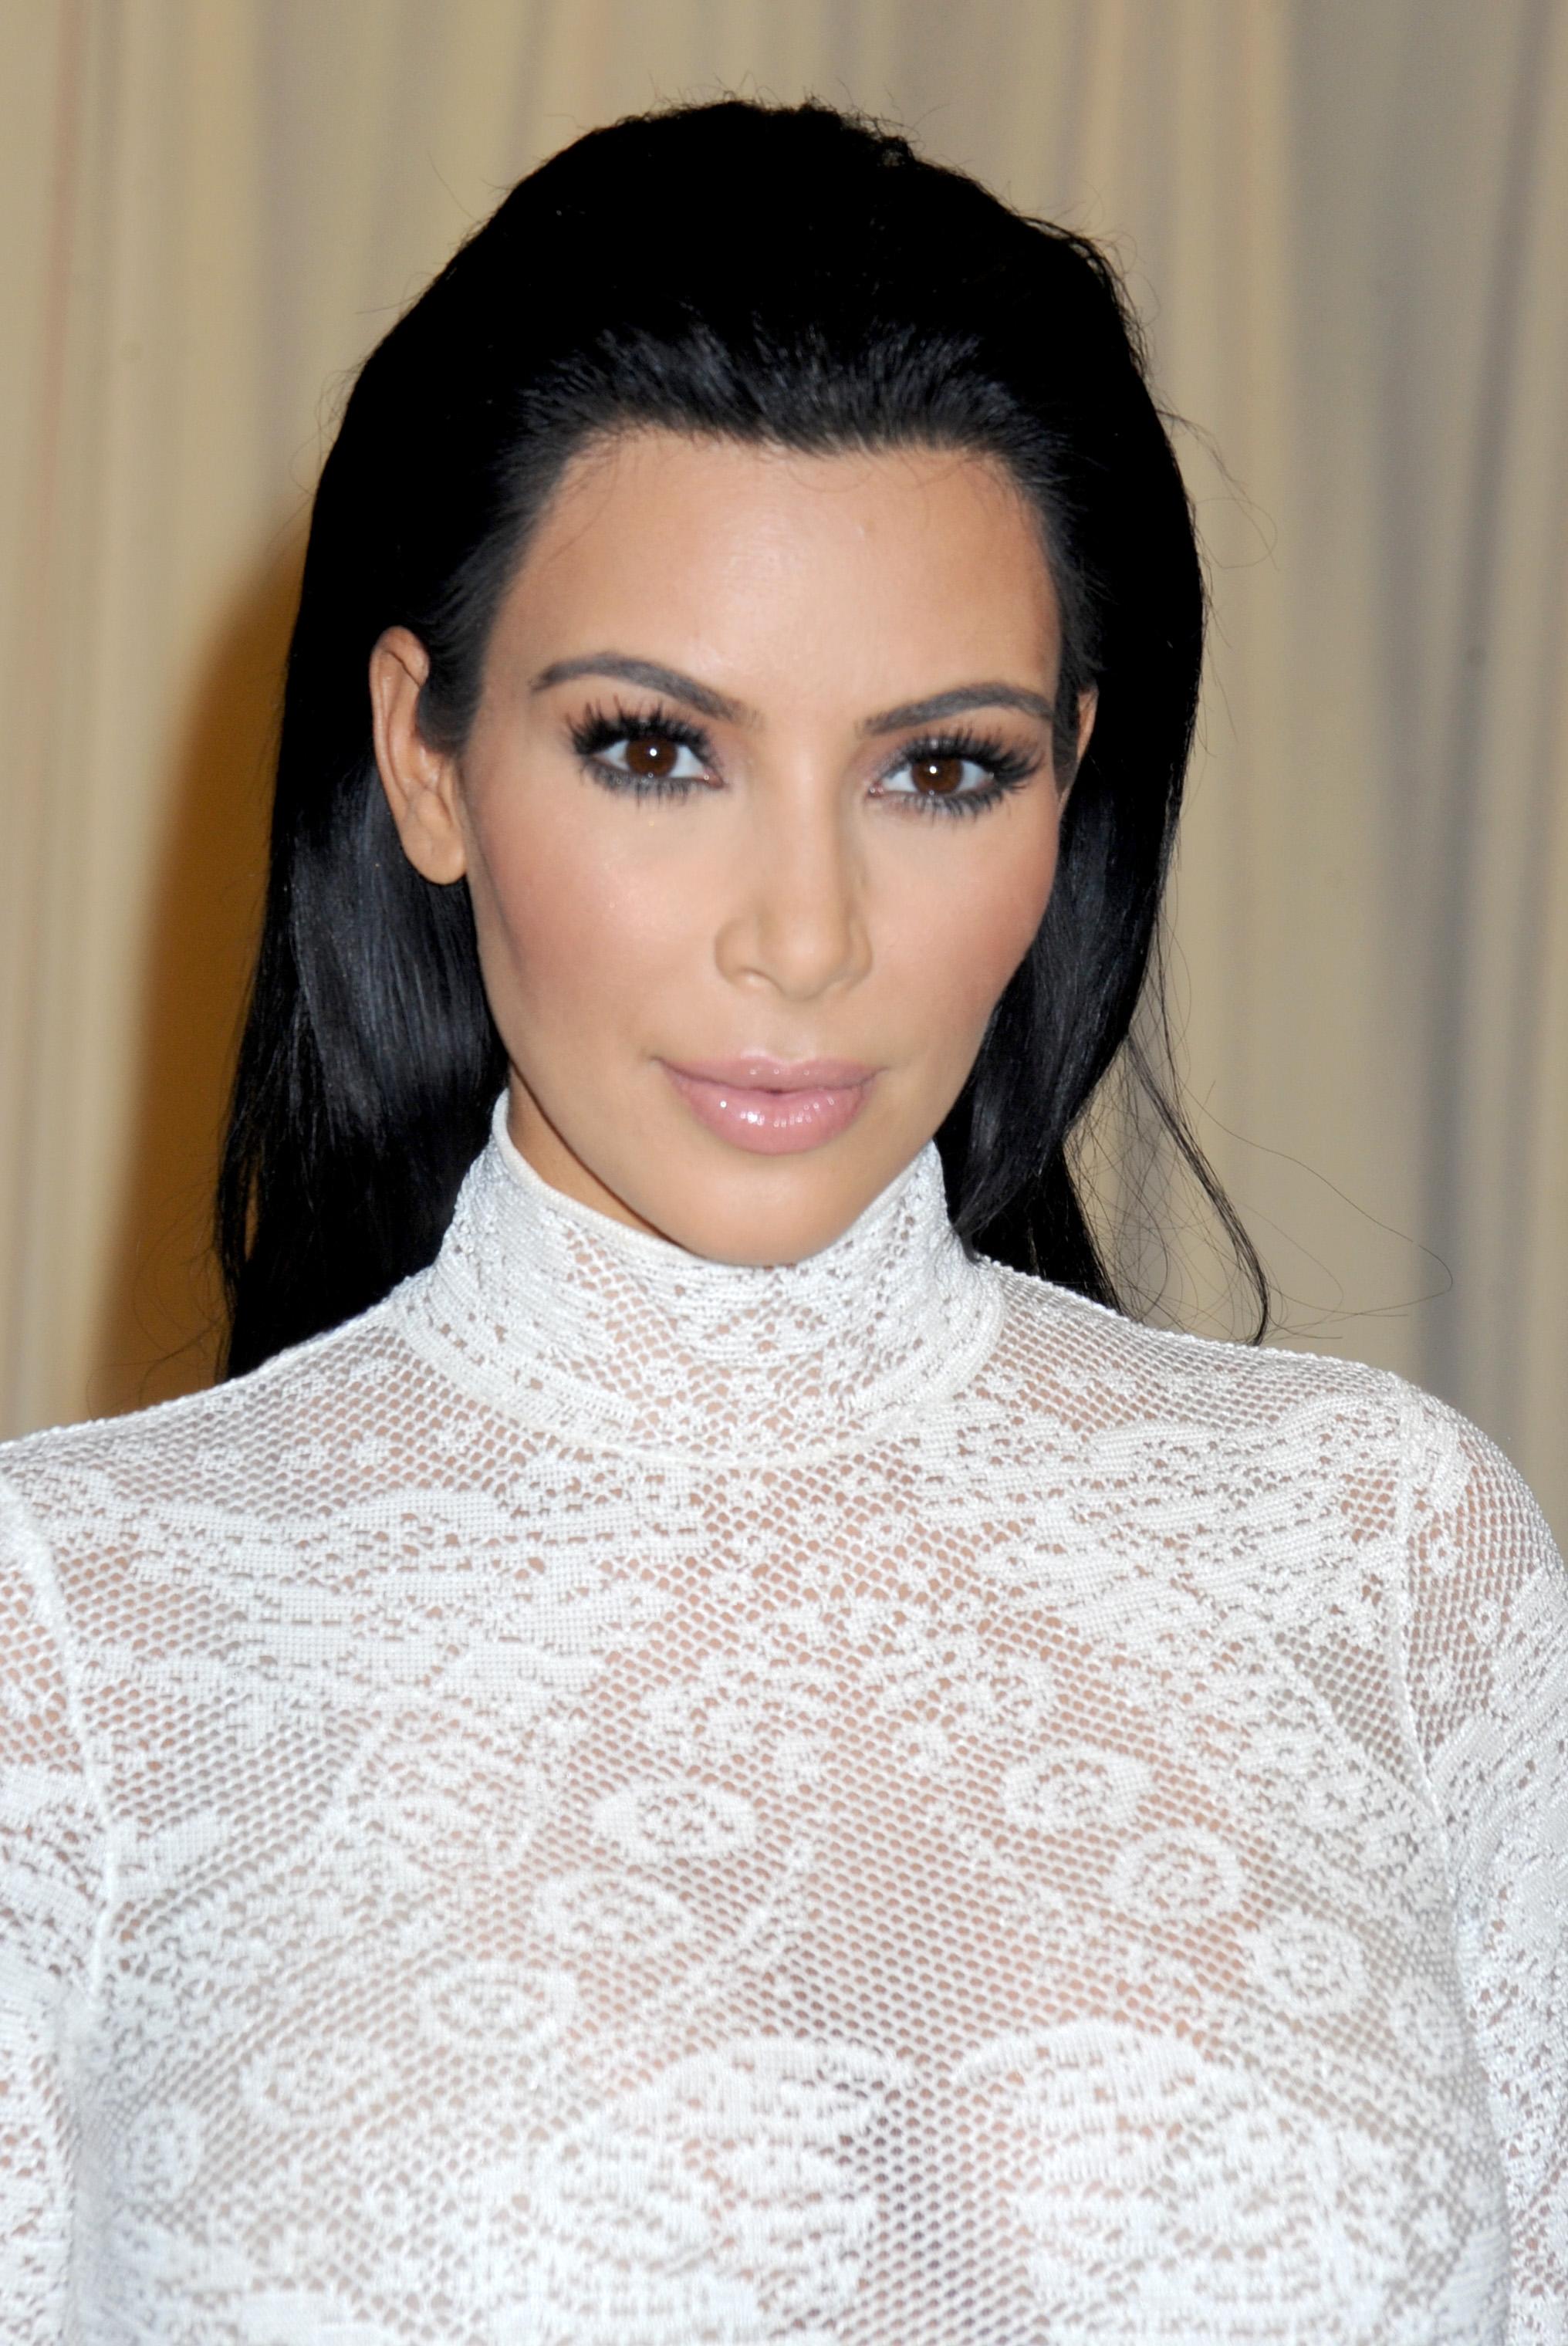 Kim Kardashian signs copies cf 'Selfish'